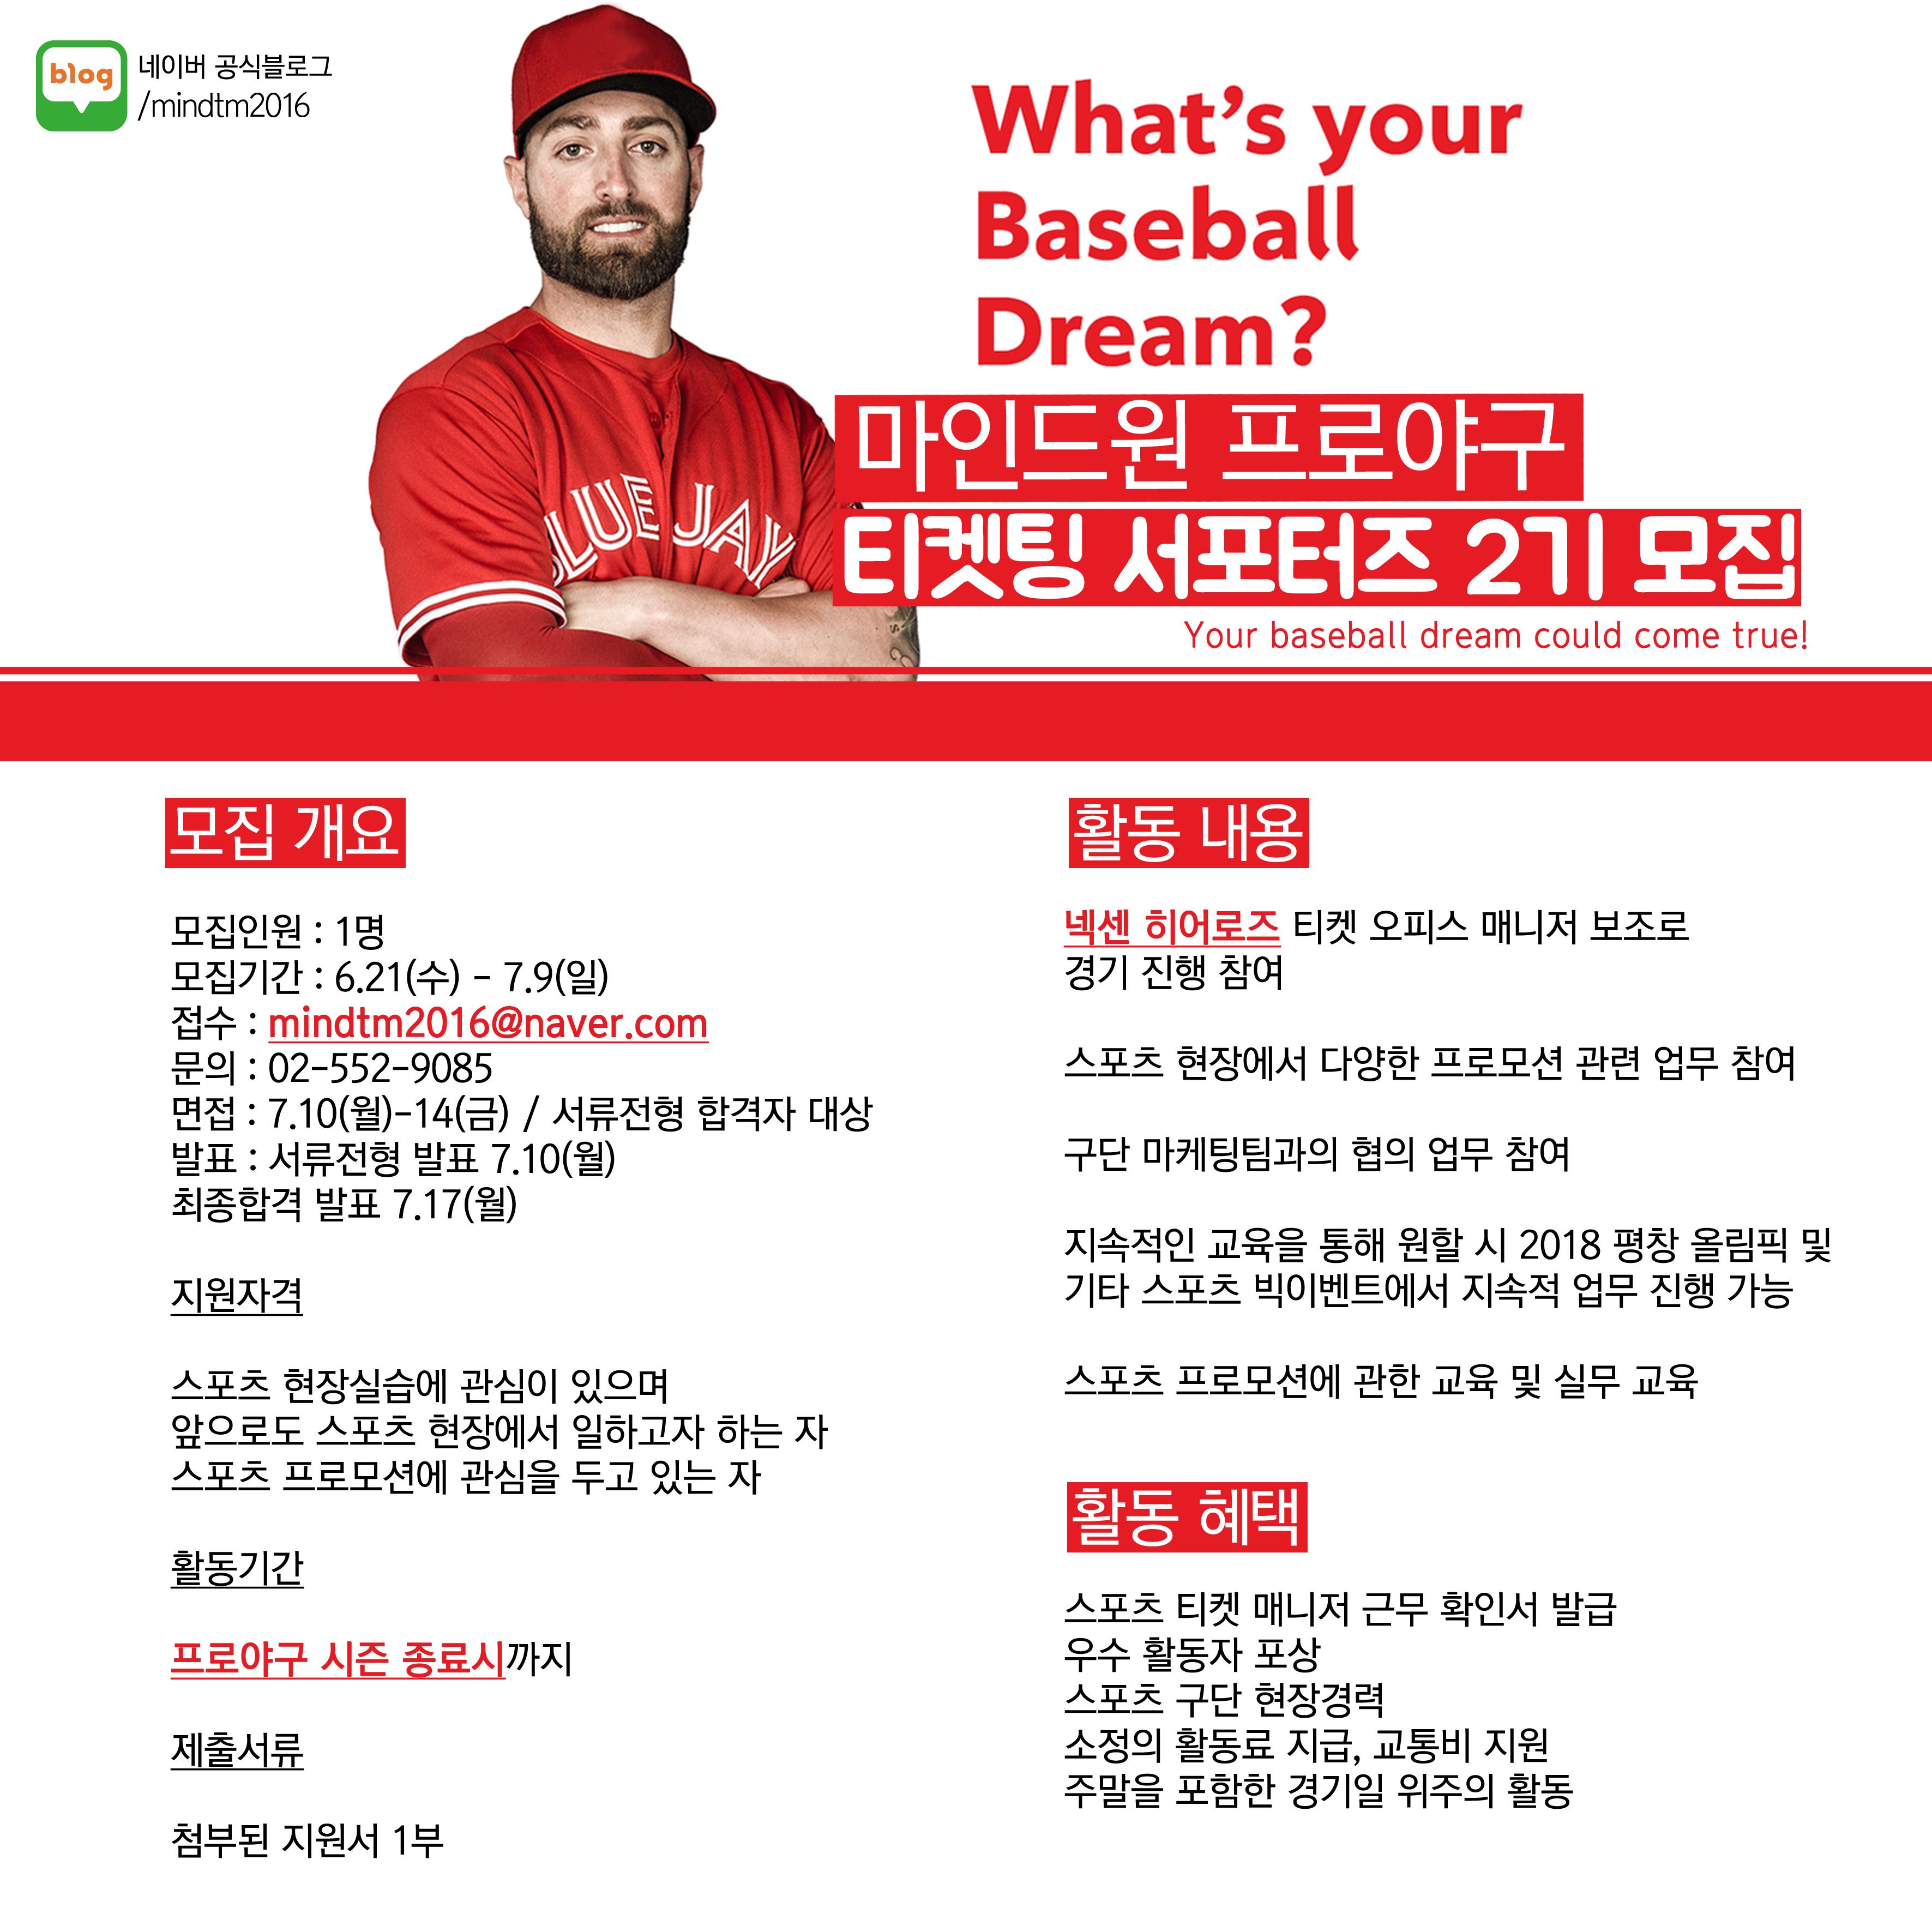 마인드원 프로야구 티켓팅 서포터즈 2기 모집(넥센 히어로즈/~7.9)